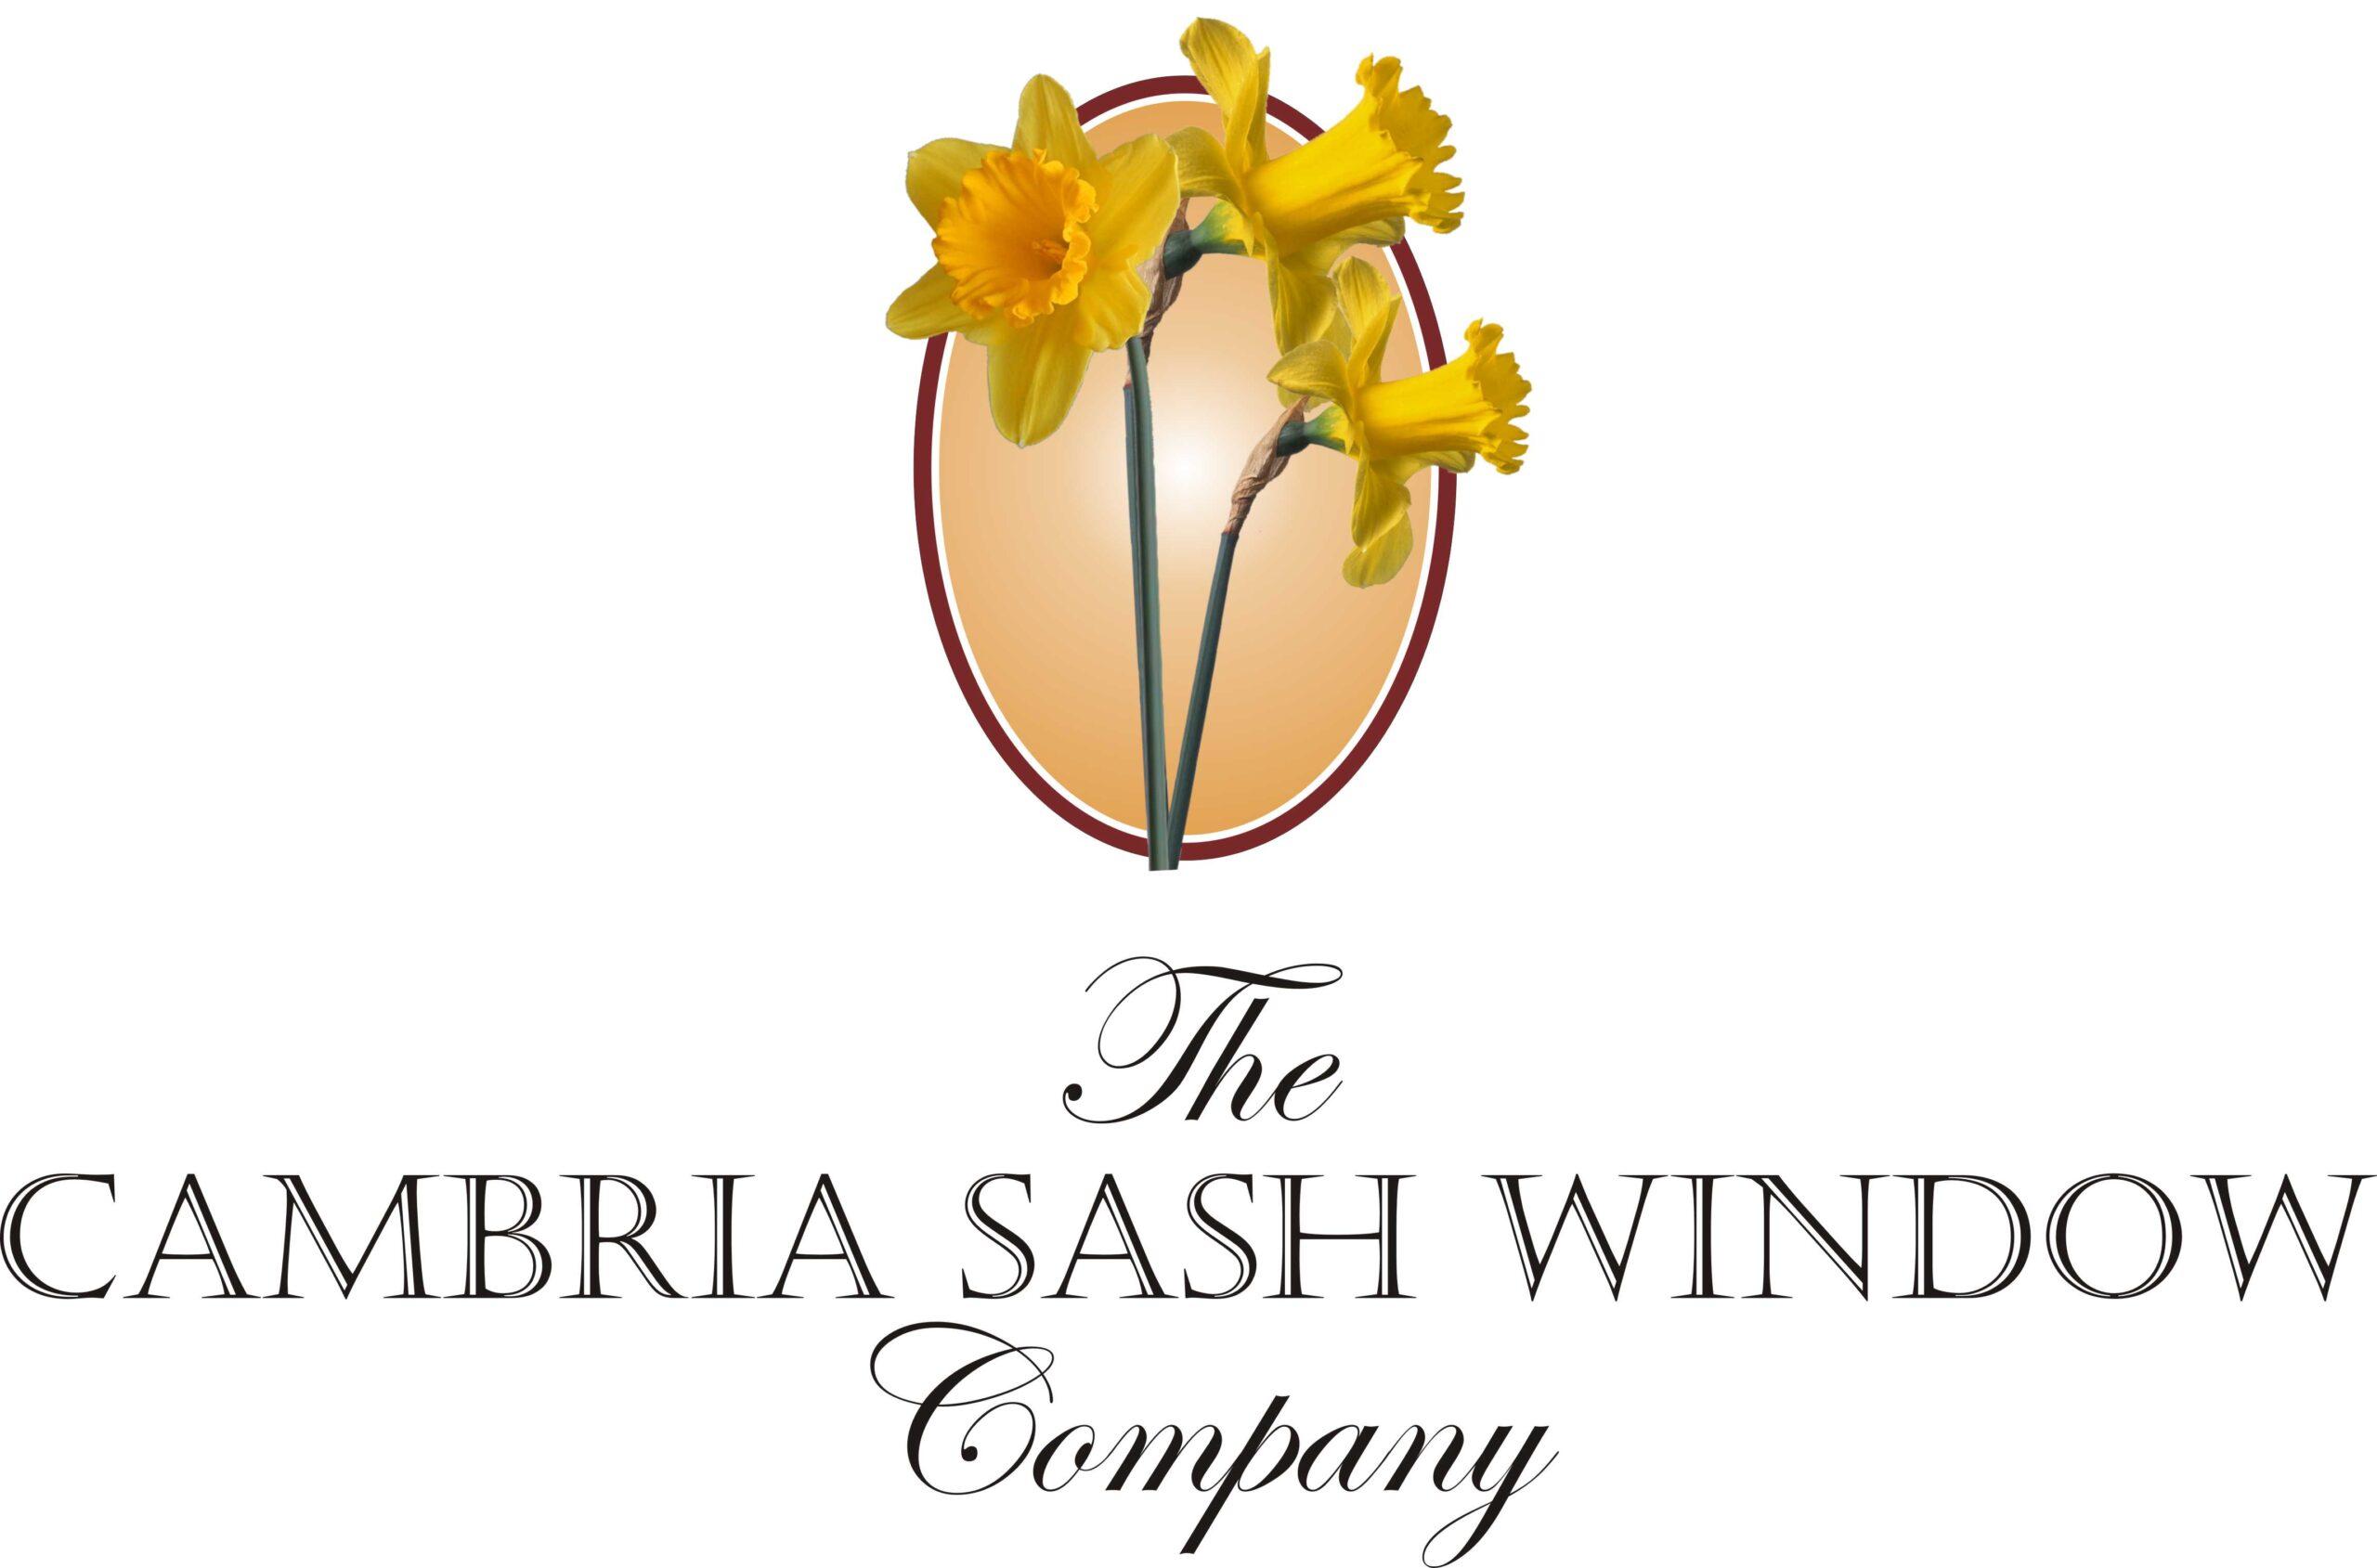 The Cambria Sash Window Company